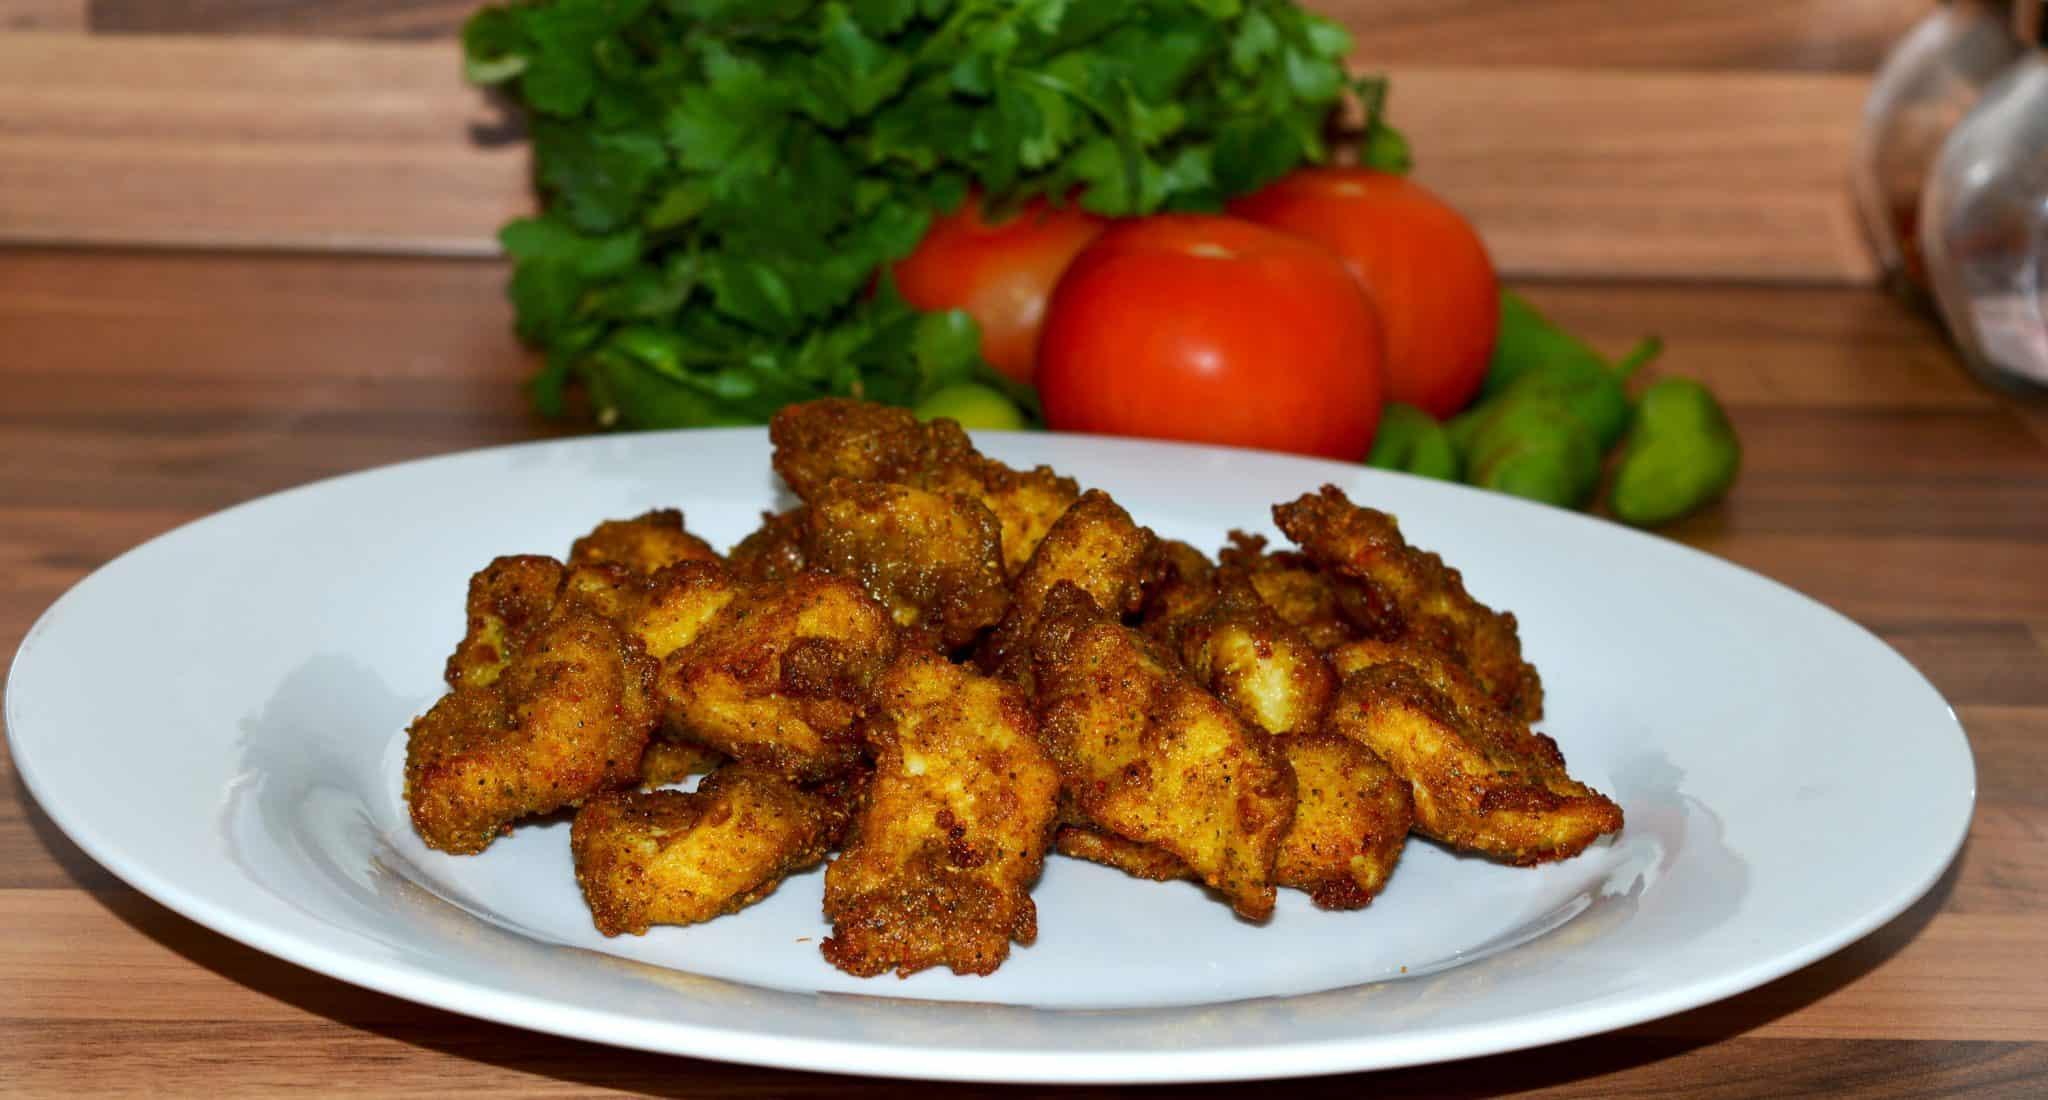 fry it in oil serve.